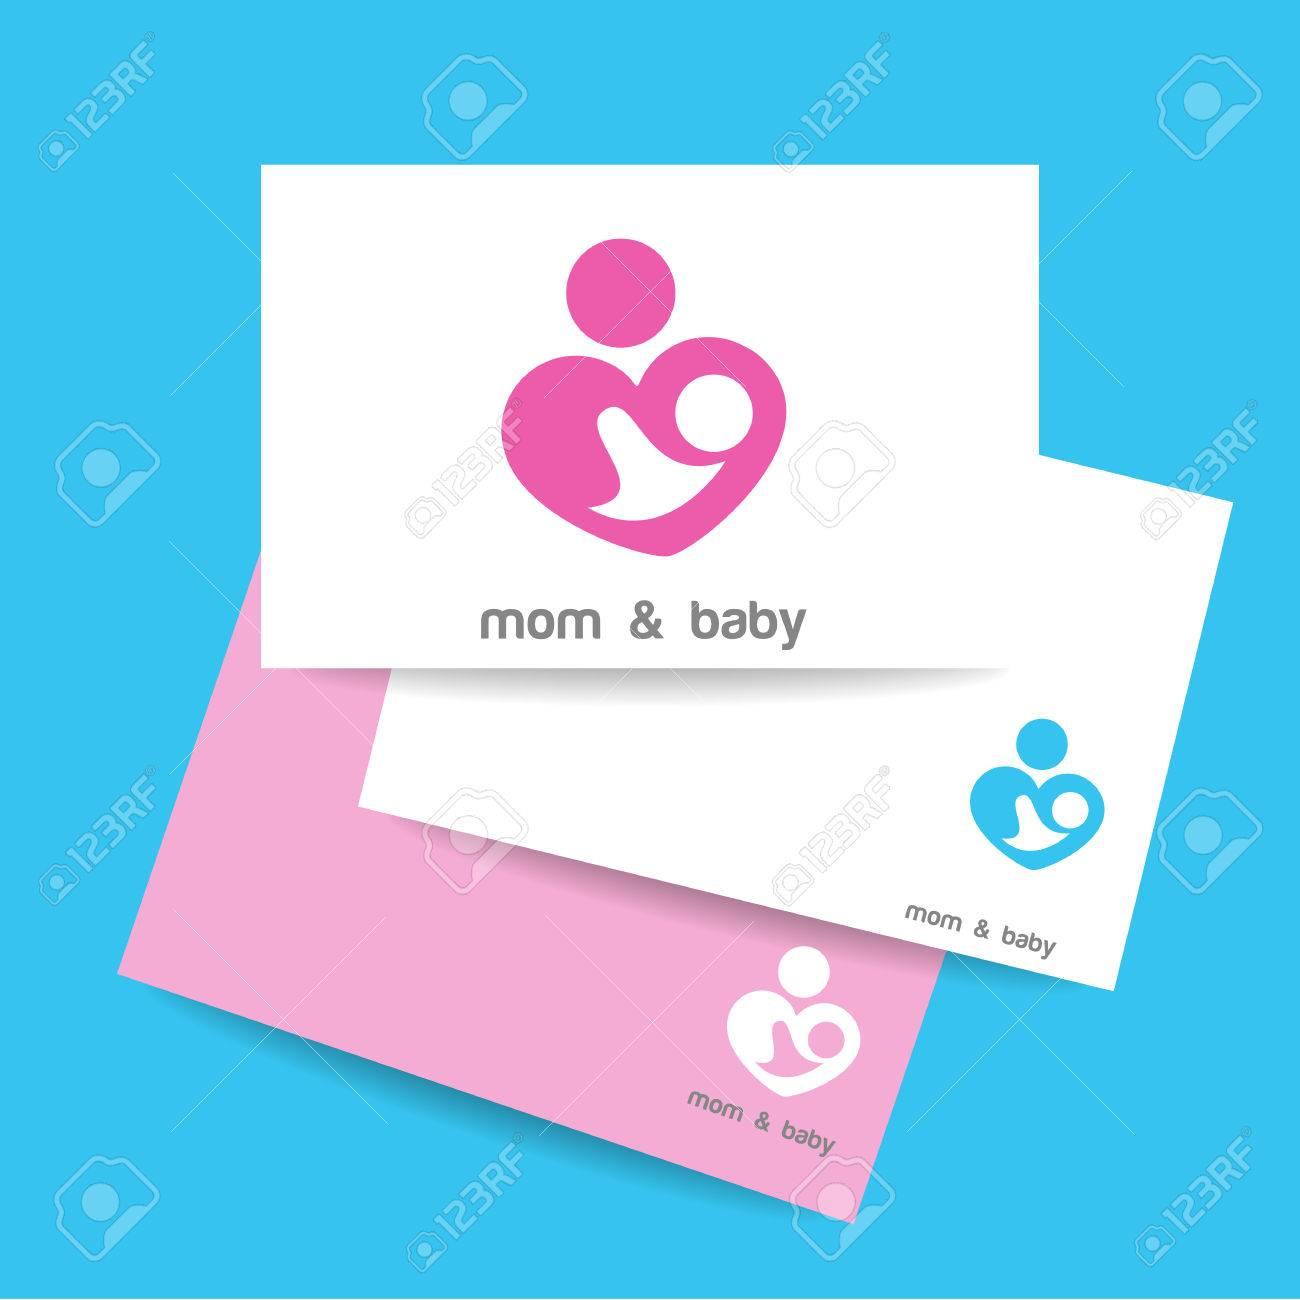 Carte De Visite Modle Signe Soins La Mre Symbole Lamour Parental Illustration Vectorielle Icne Et Bb